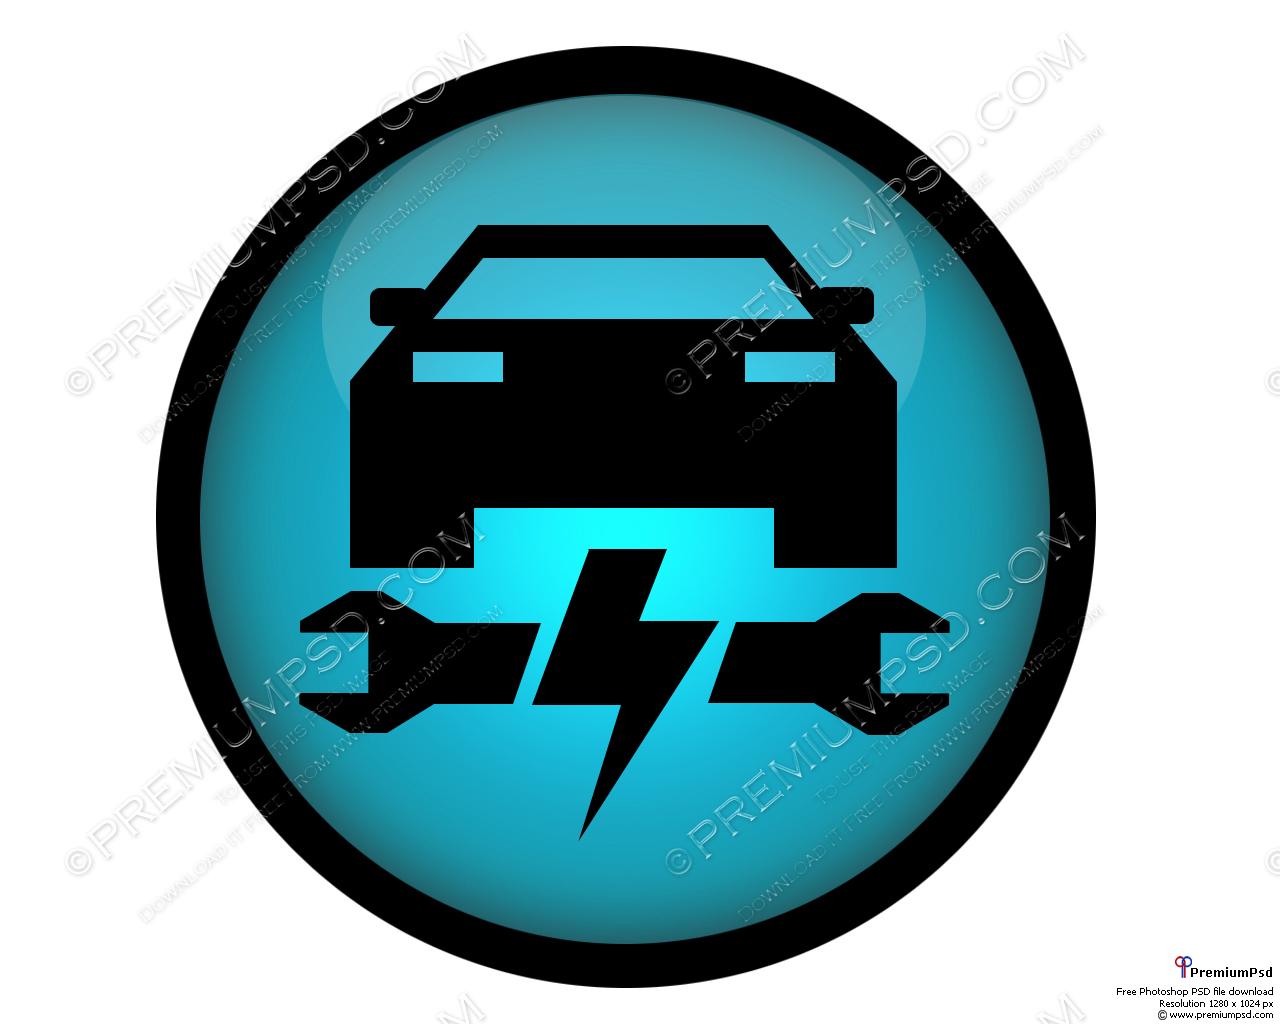 auto-repair-logos-free_351566.jpg